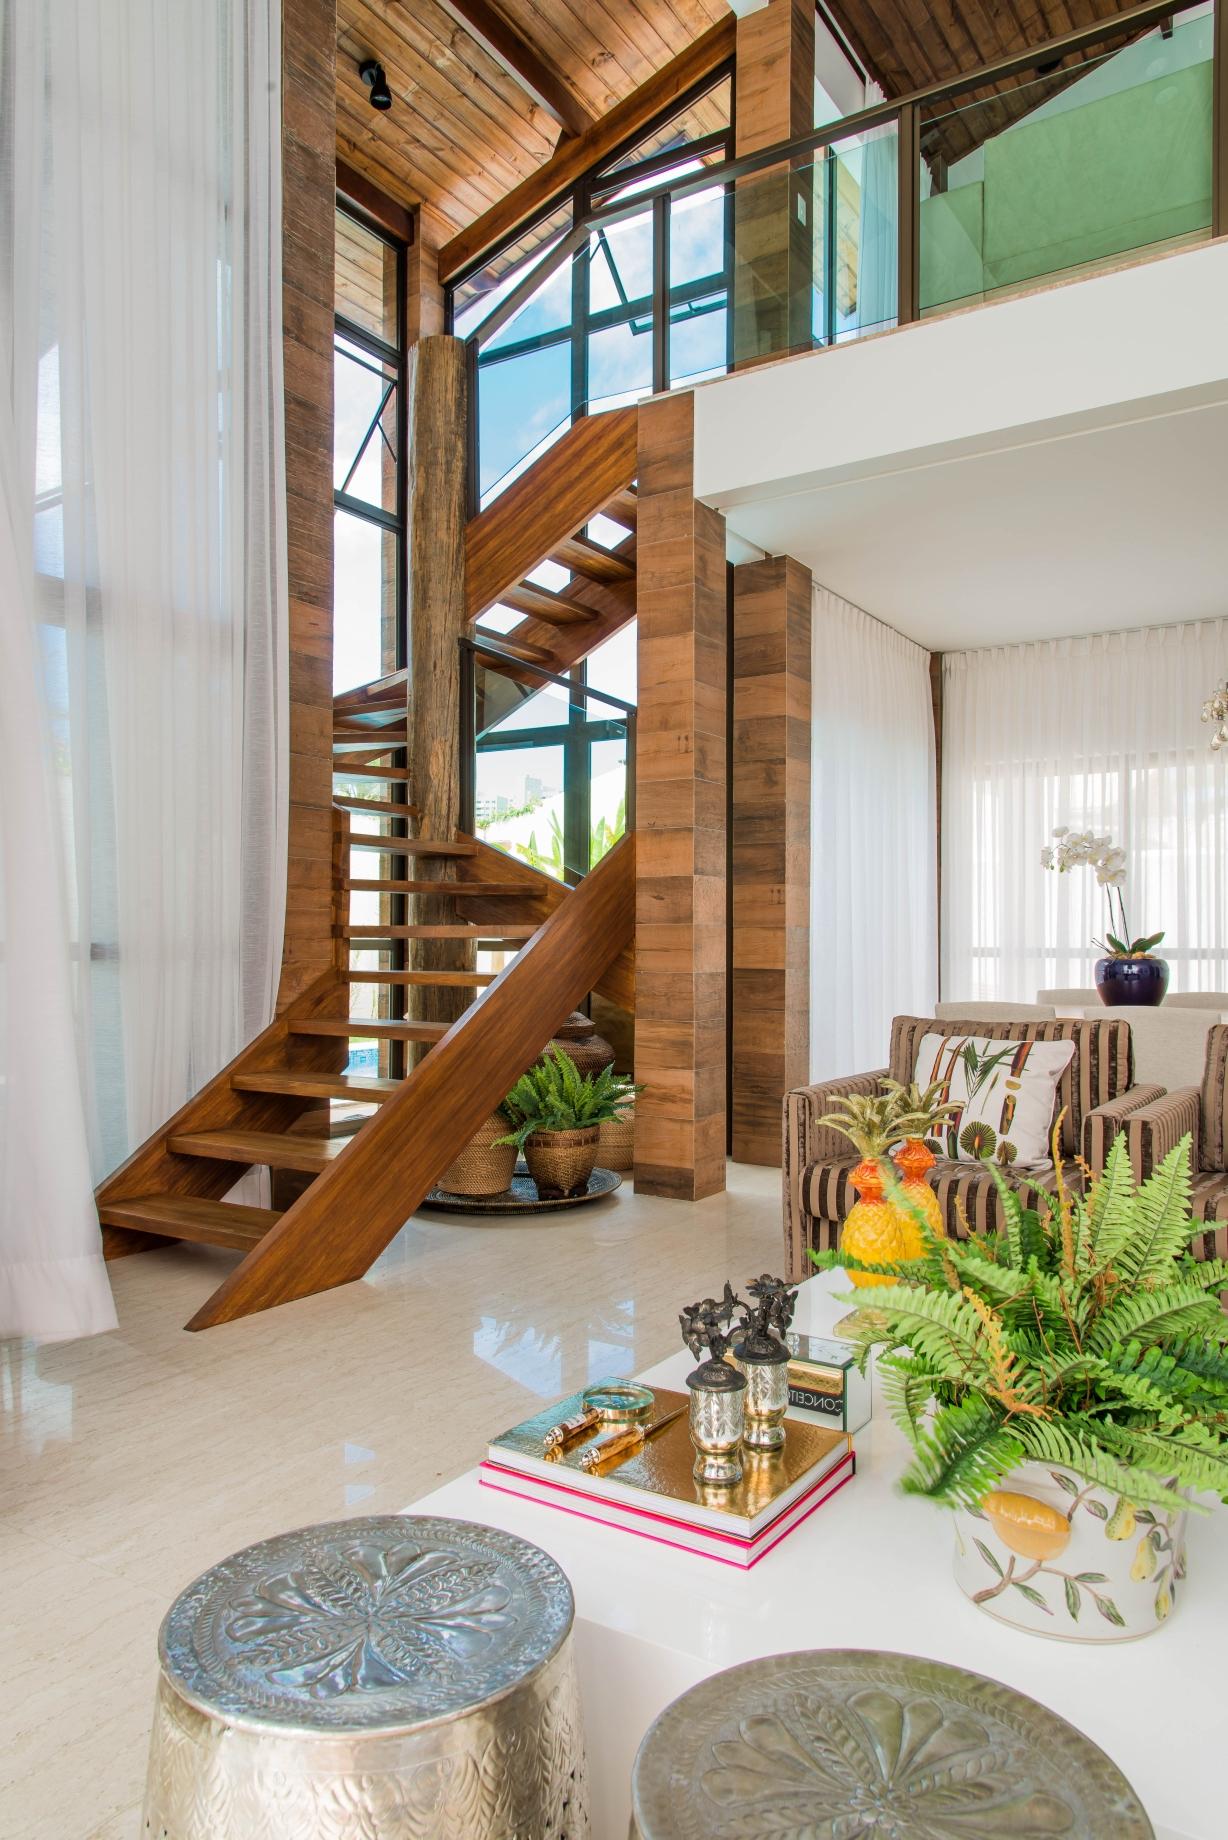 Escada de madeira com coluna central